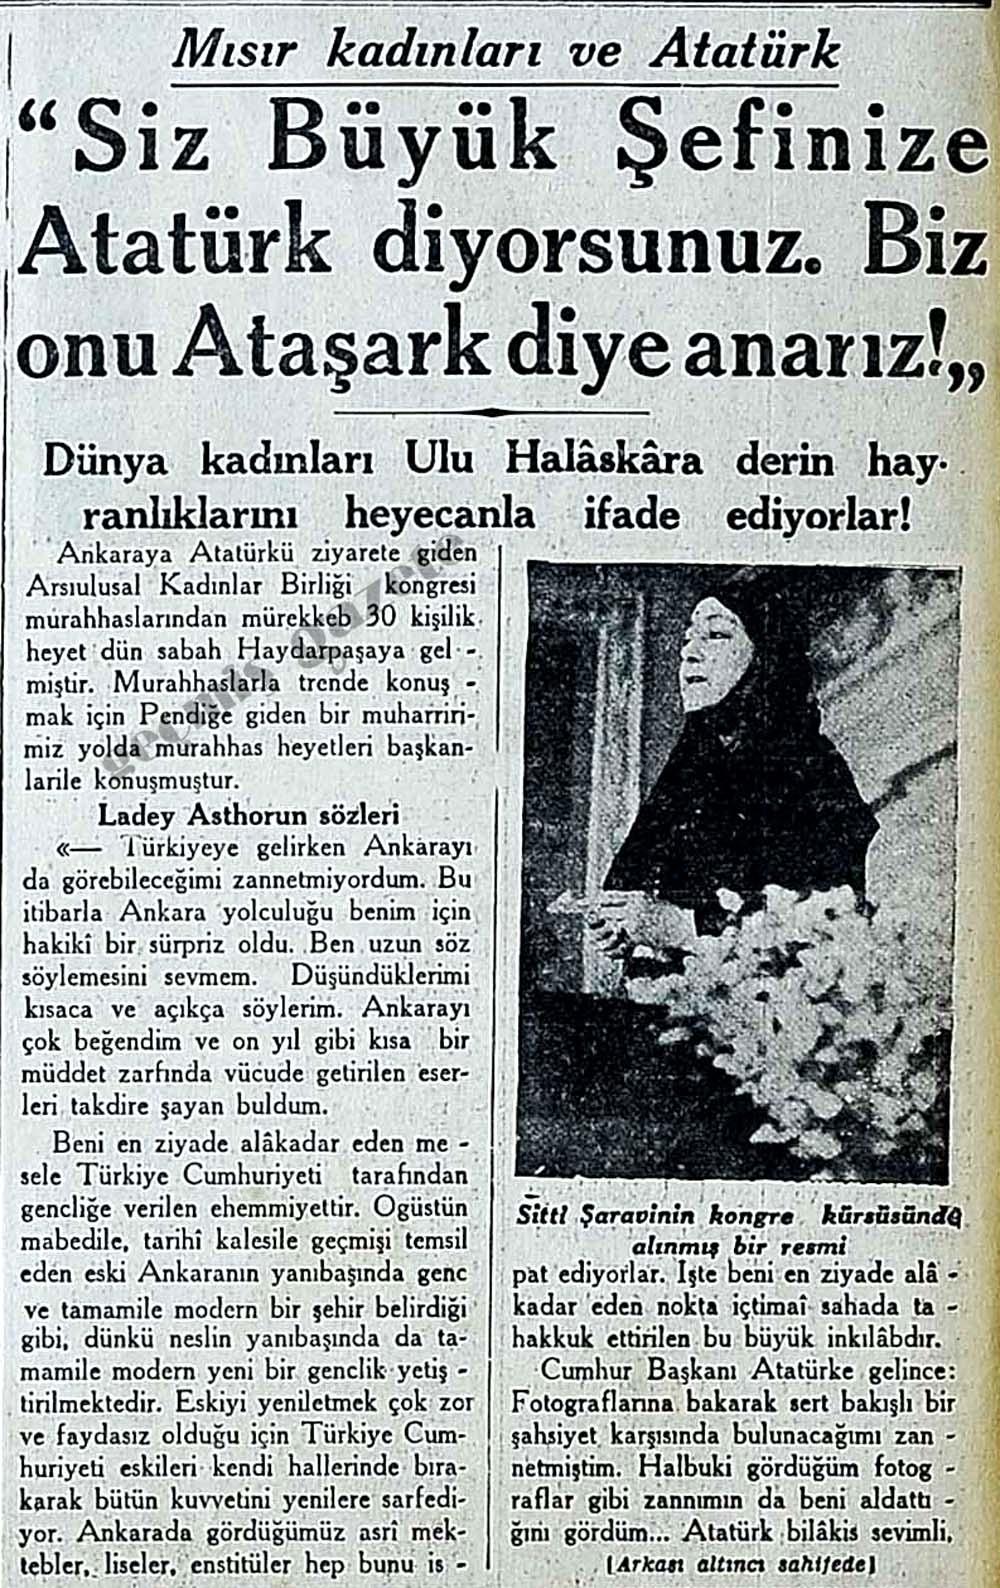 """""""Siz Büyük Şefinize Atatürk diyorsunuz. Biz onu Ataşark diye anarız!"""""""